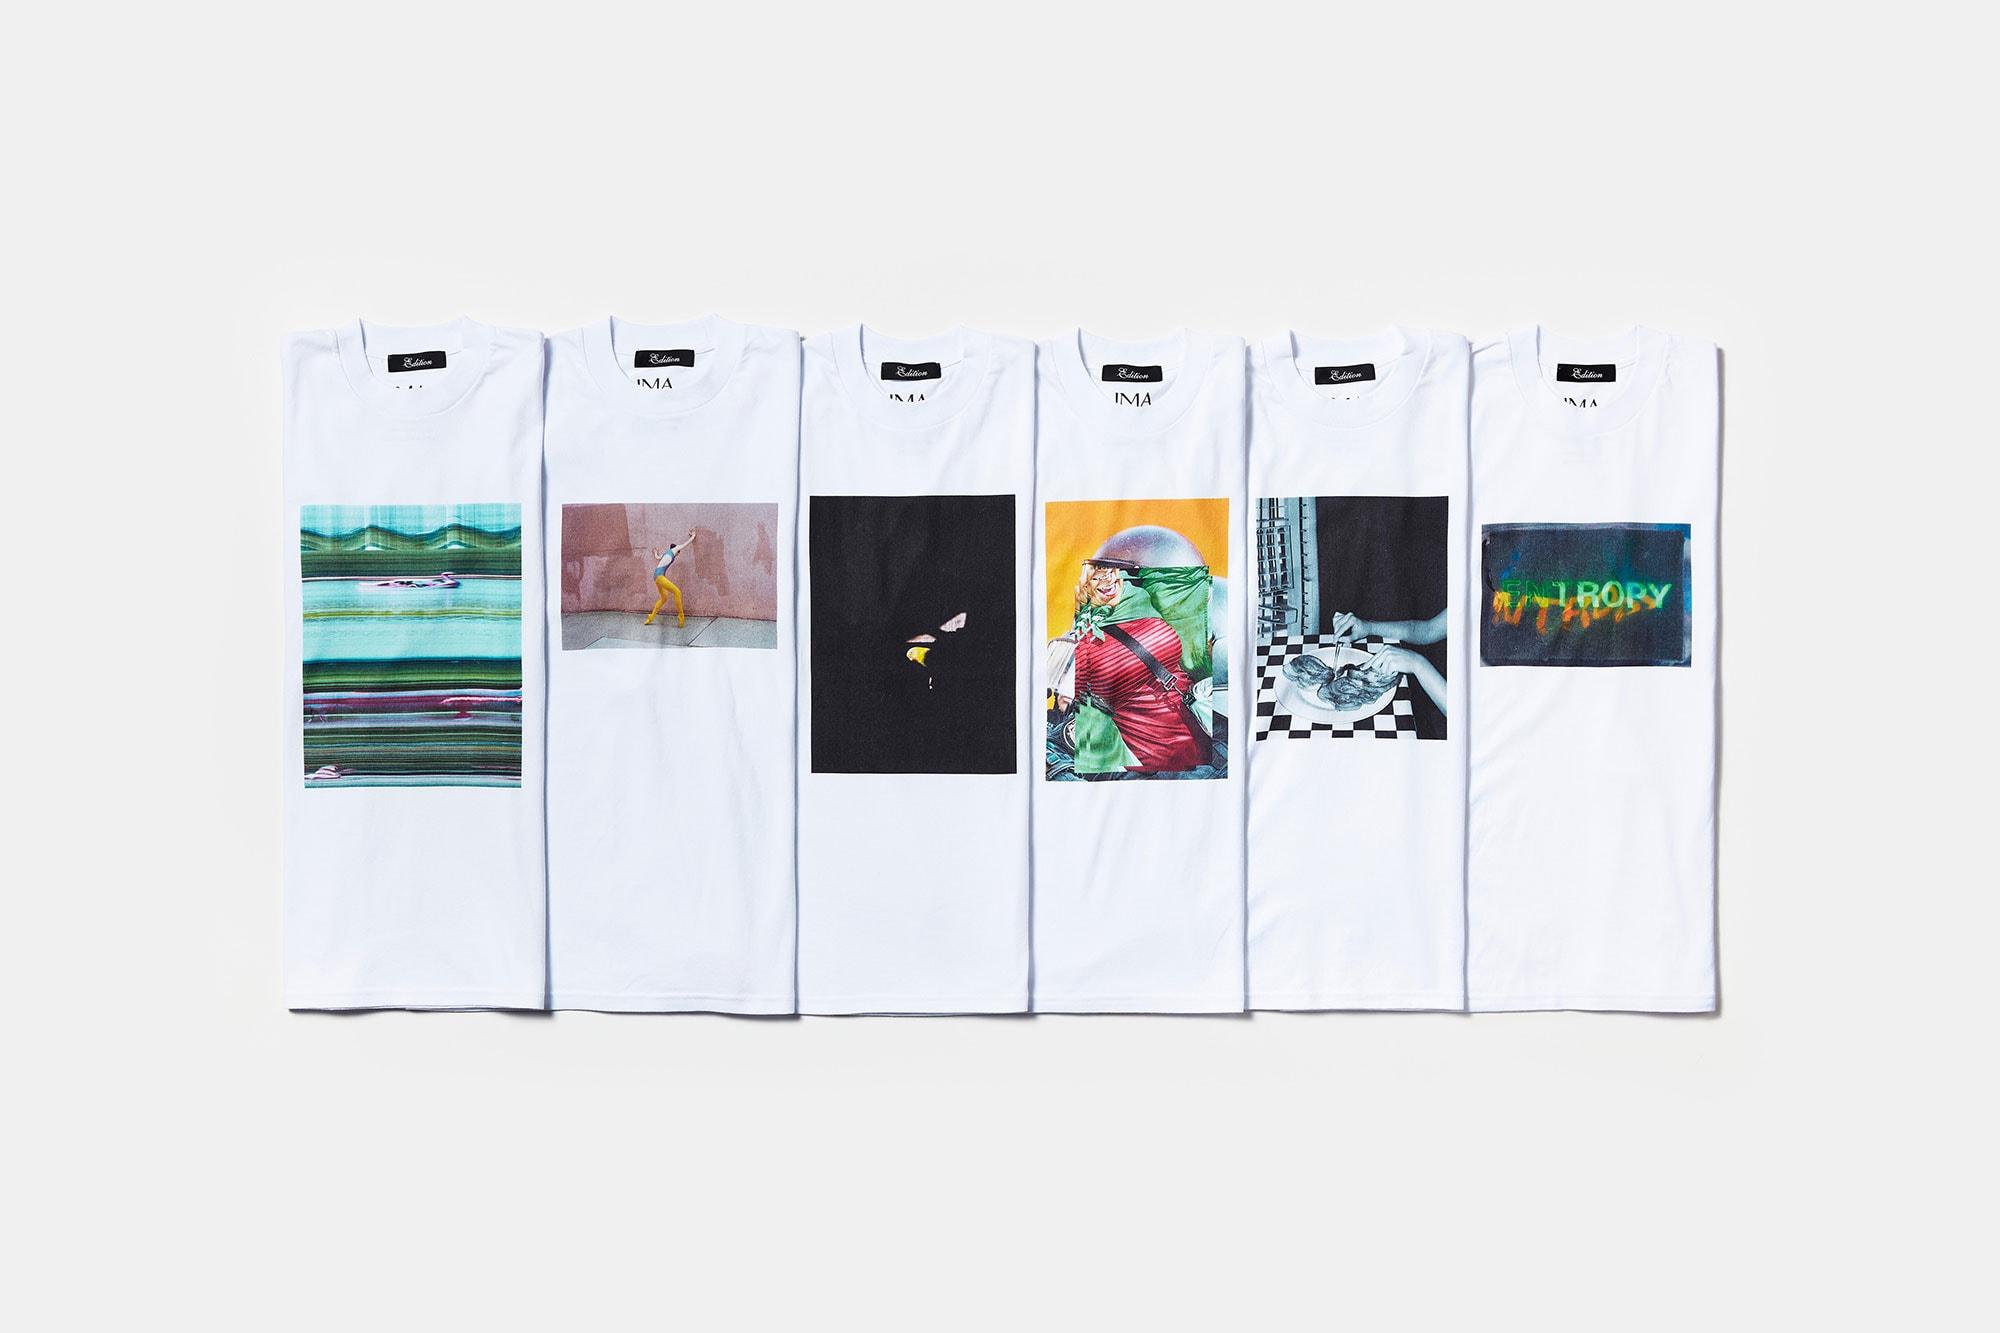 写真を着る、言葉を纏う ~フォトグラファーと言葉によるTシャツコラボレーション~